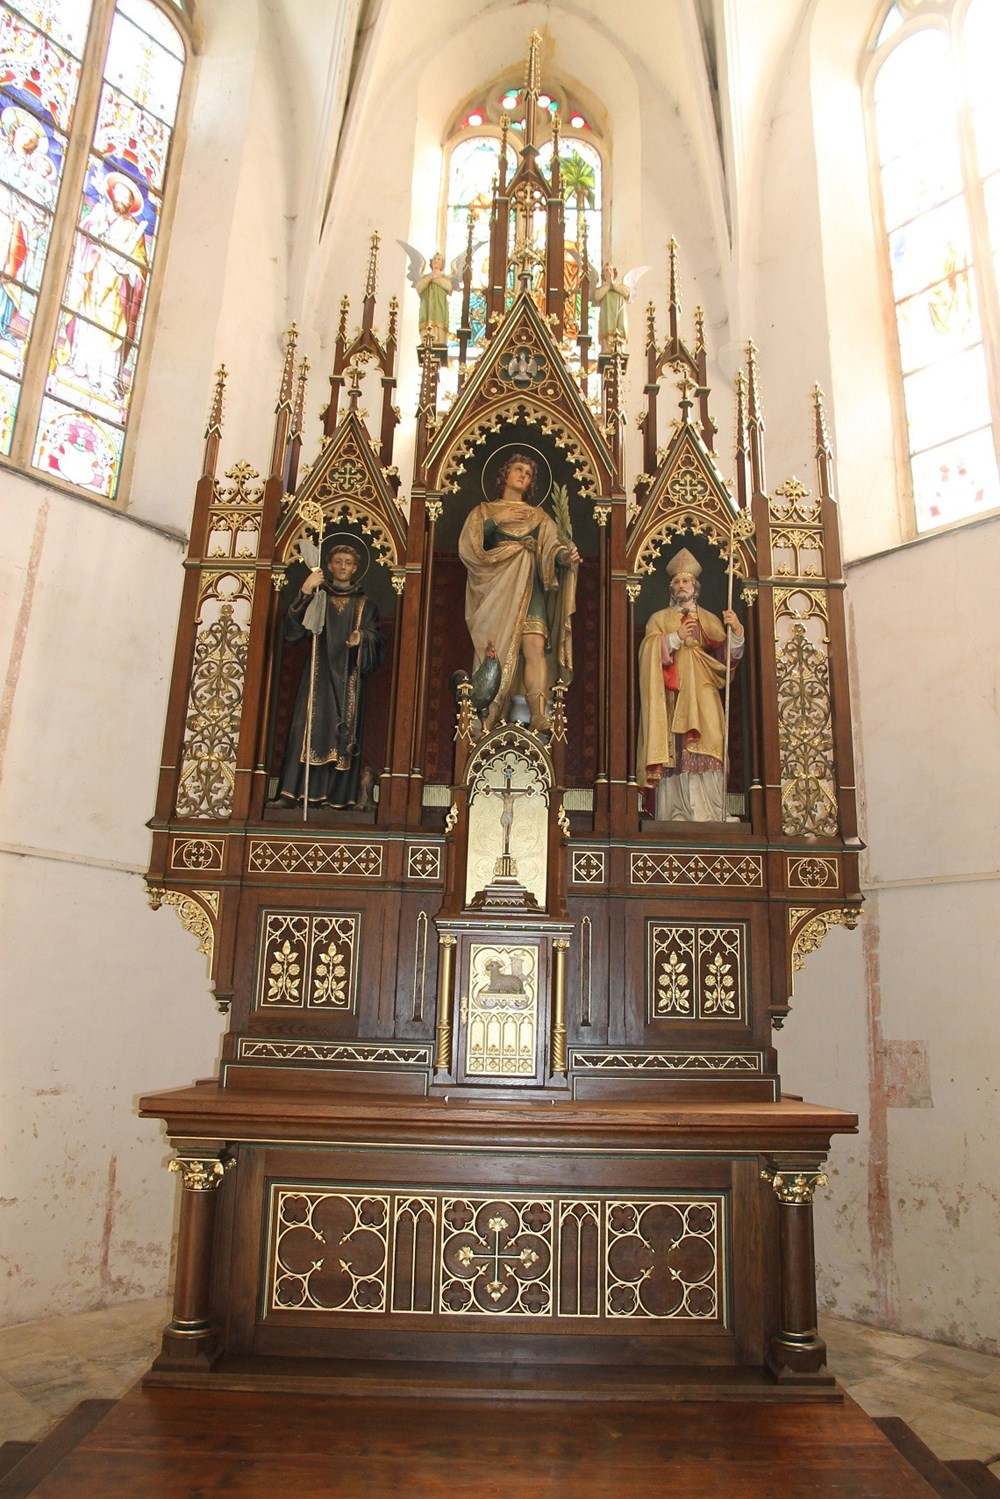 Popis: Oltář v kostele sv. Víta v Osečné po restaurování.